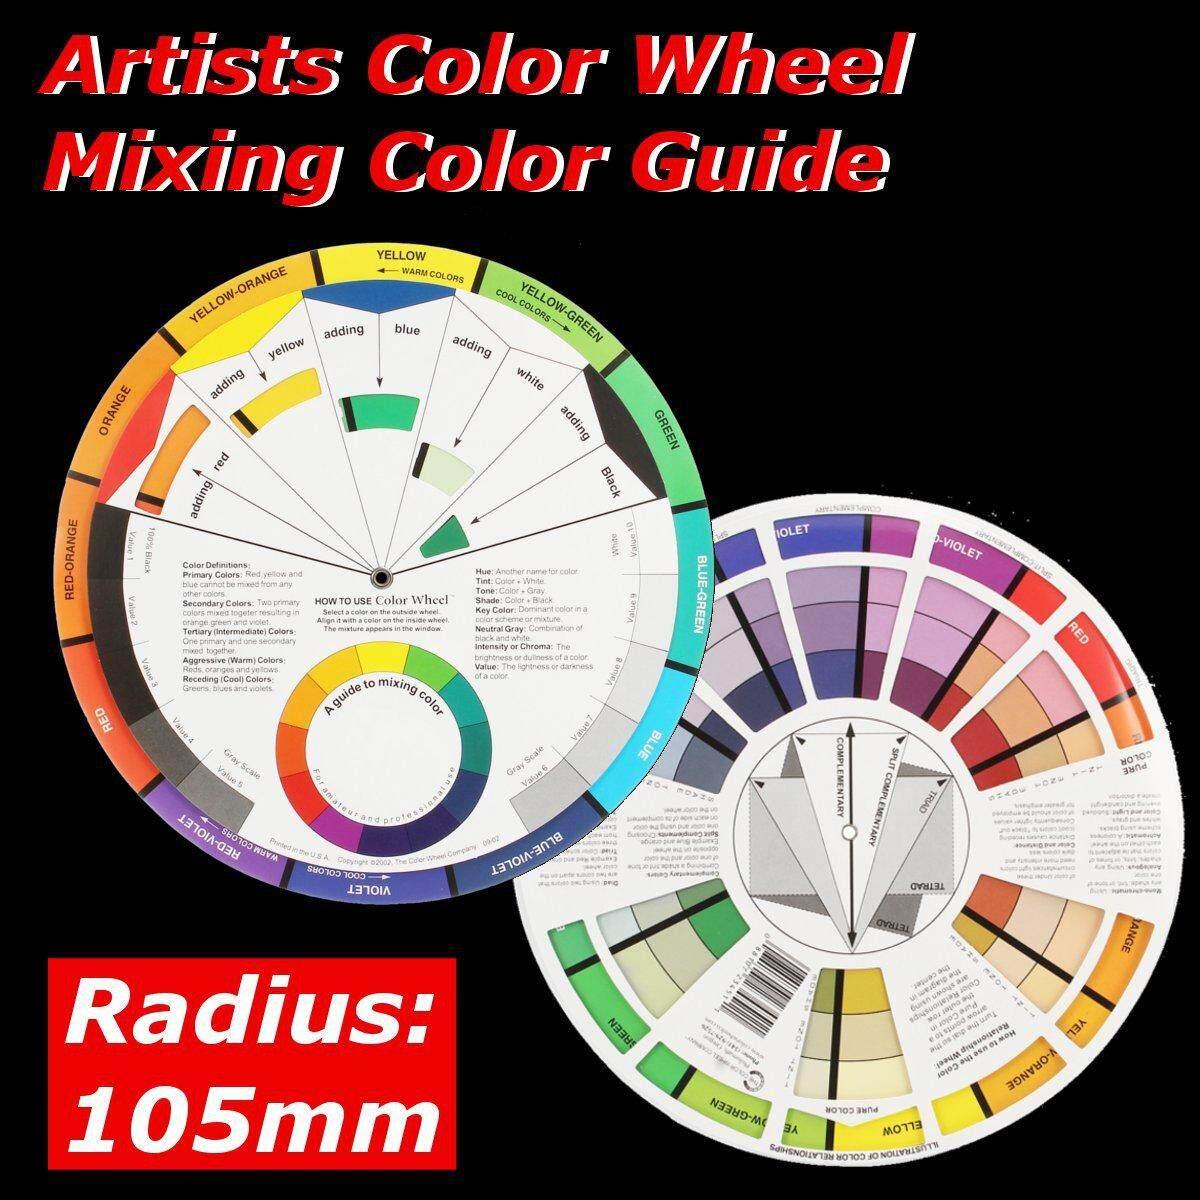 Mua Nghệ Sĩ Pocket Color Wheel Trộn Màu Hướng Dẫn 210 Mm 21 Cm Dia. Bán Kính 105 Mm